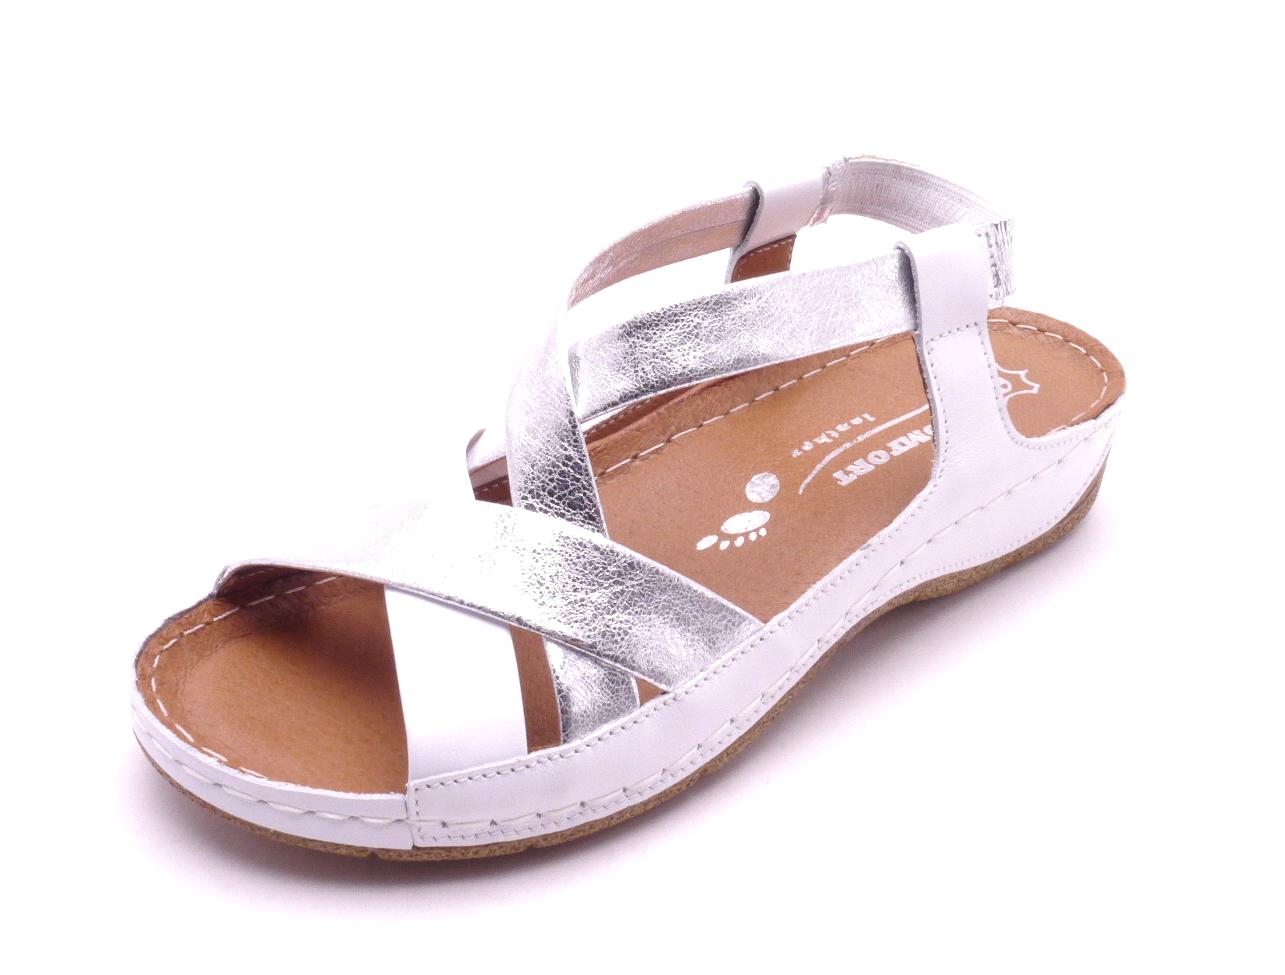 5e8b7ec6fabd9 Mintaka Dámské kožené sandály 1267 Velikost: 36